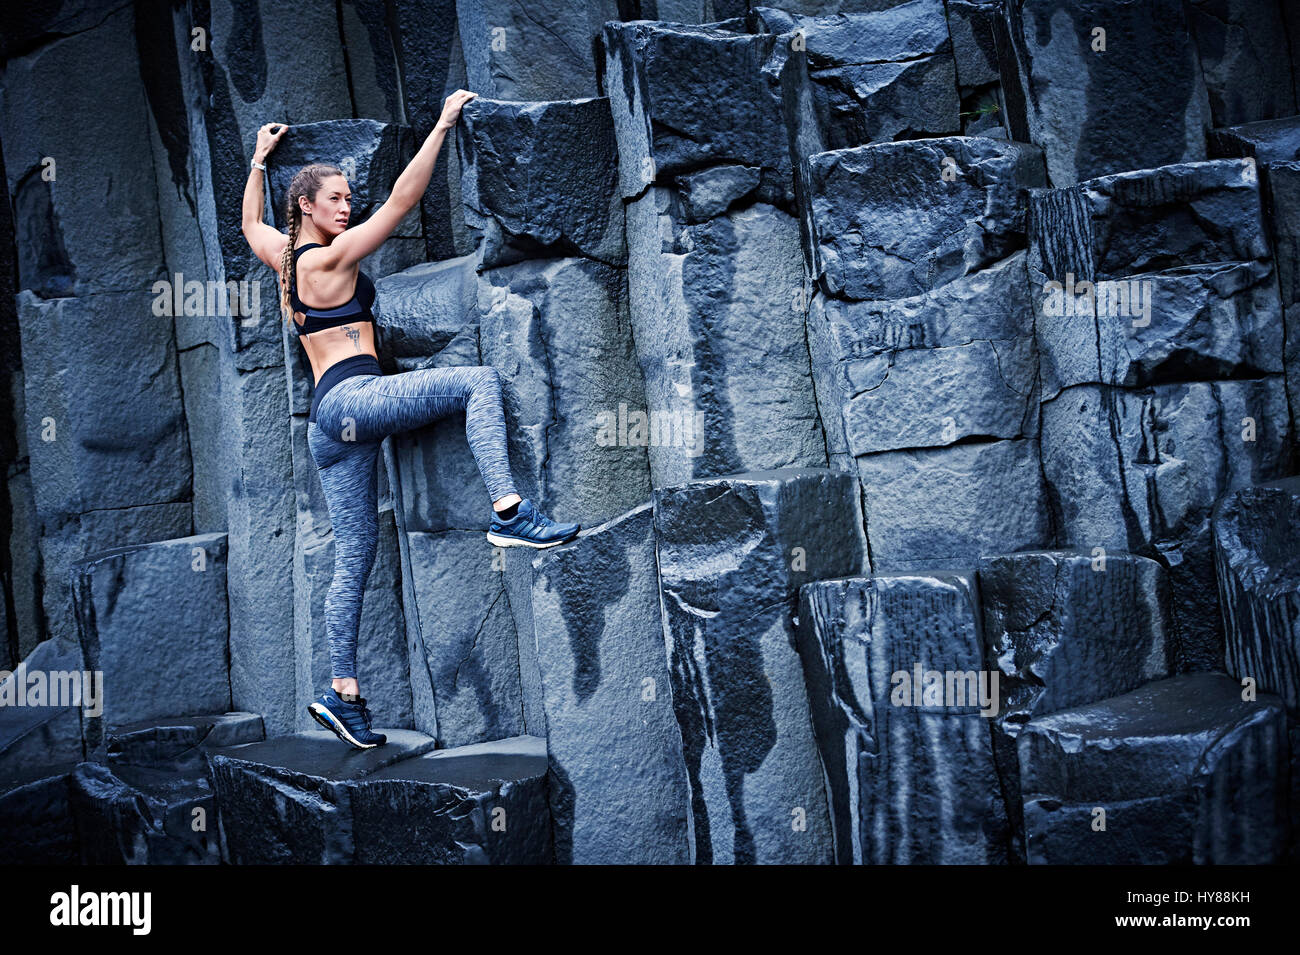 Heureux confiant les jeunes femmes d'escalade sur roche basaltique dans le sud de l'Islande Banque D'Images